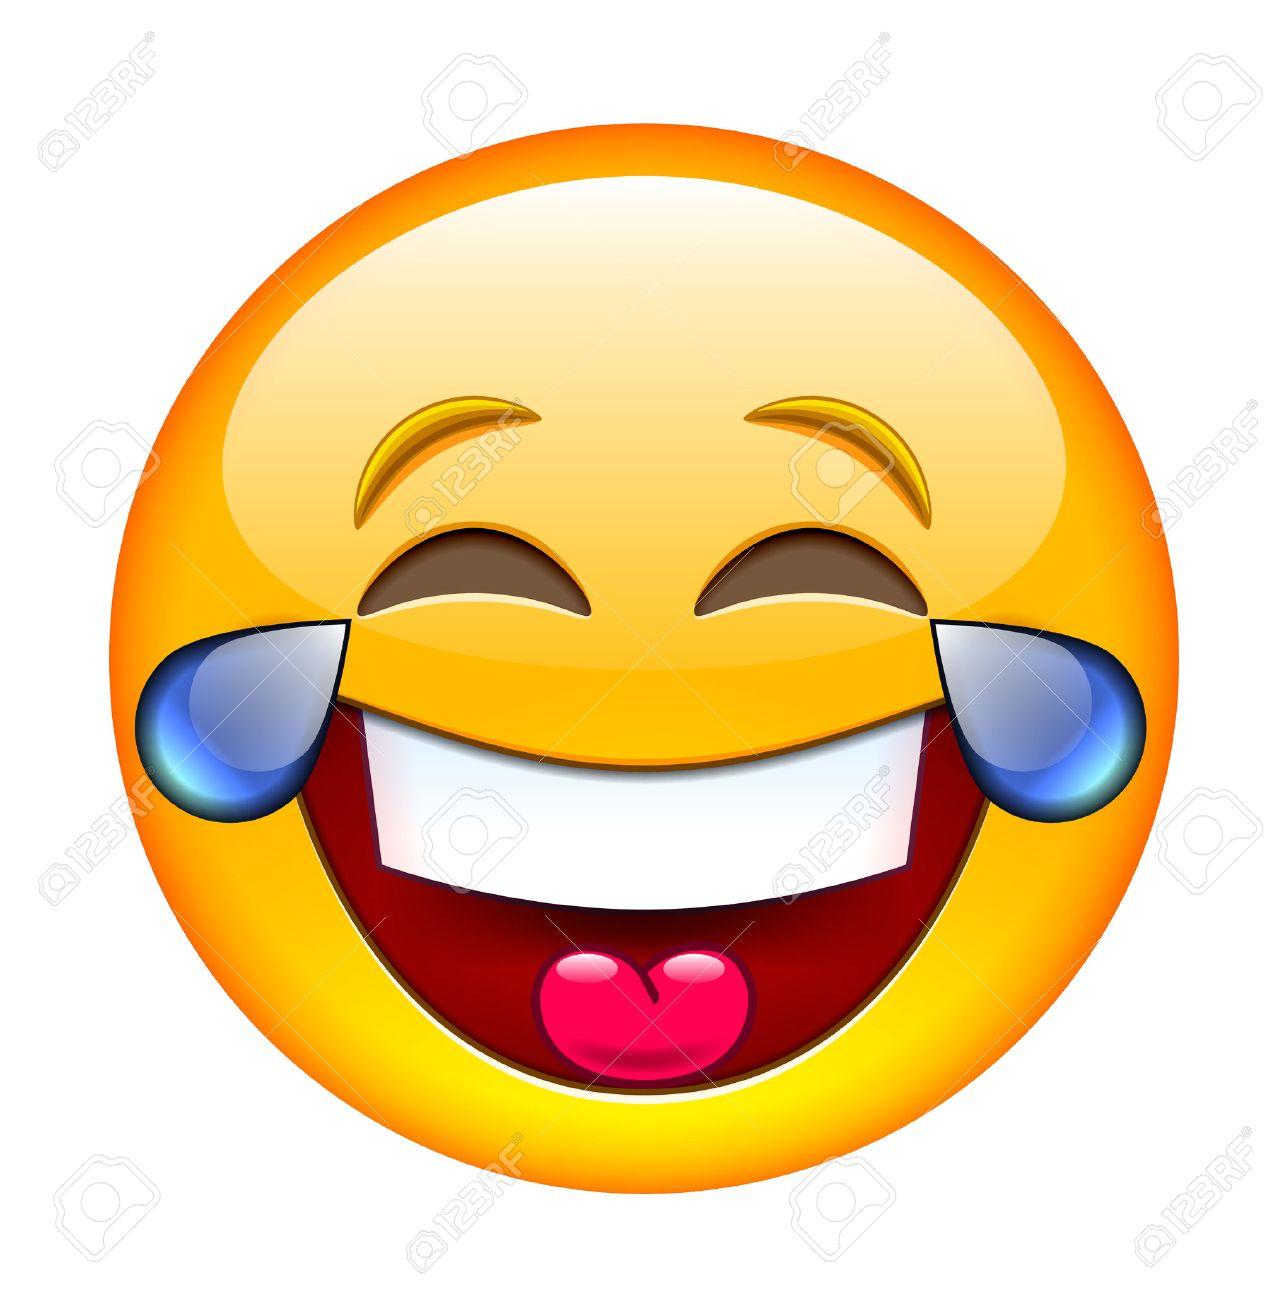 Lachen emoji tränen 😂 Face